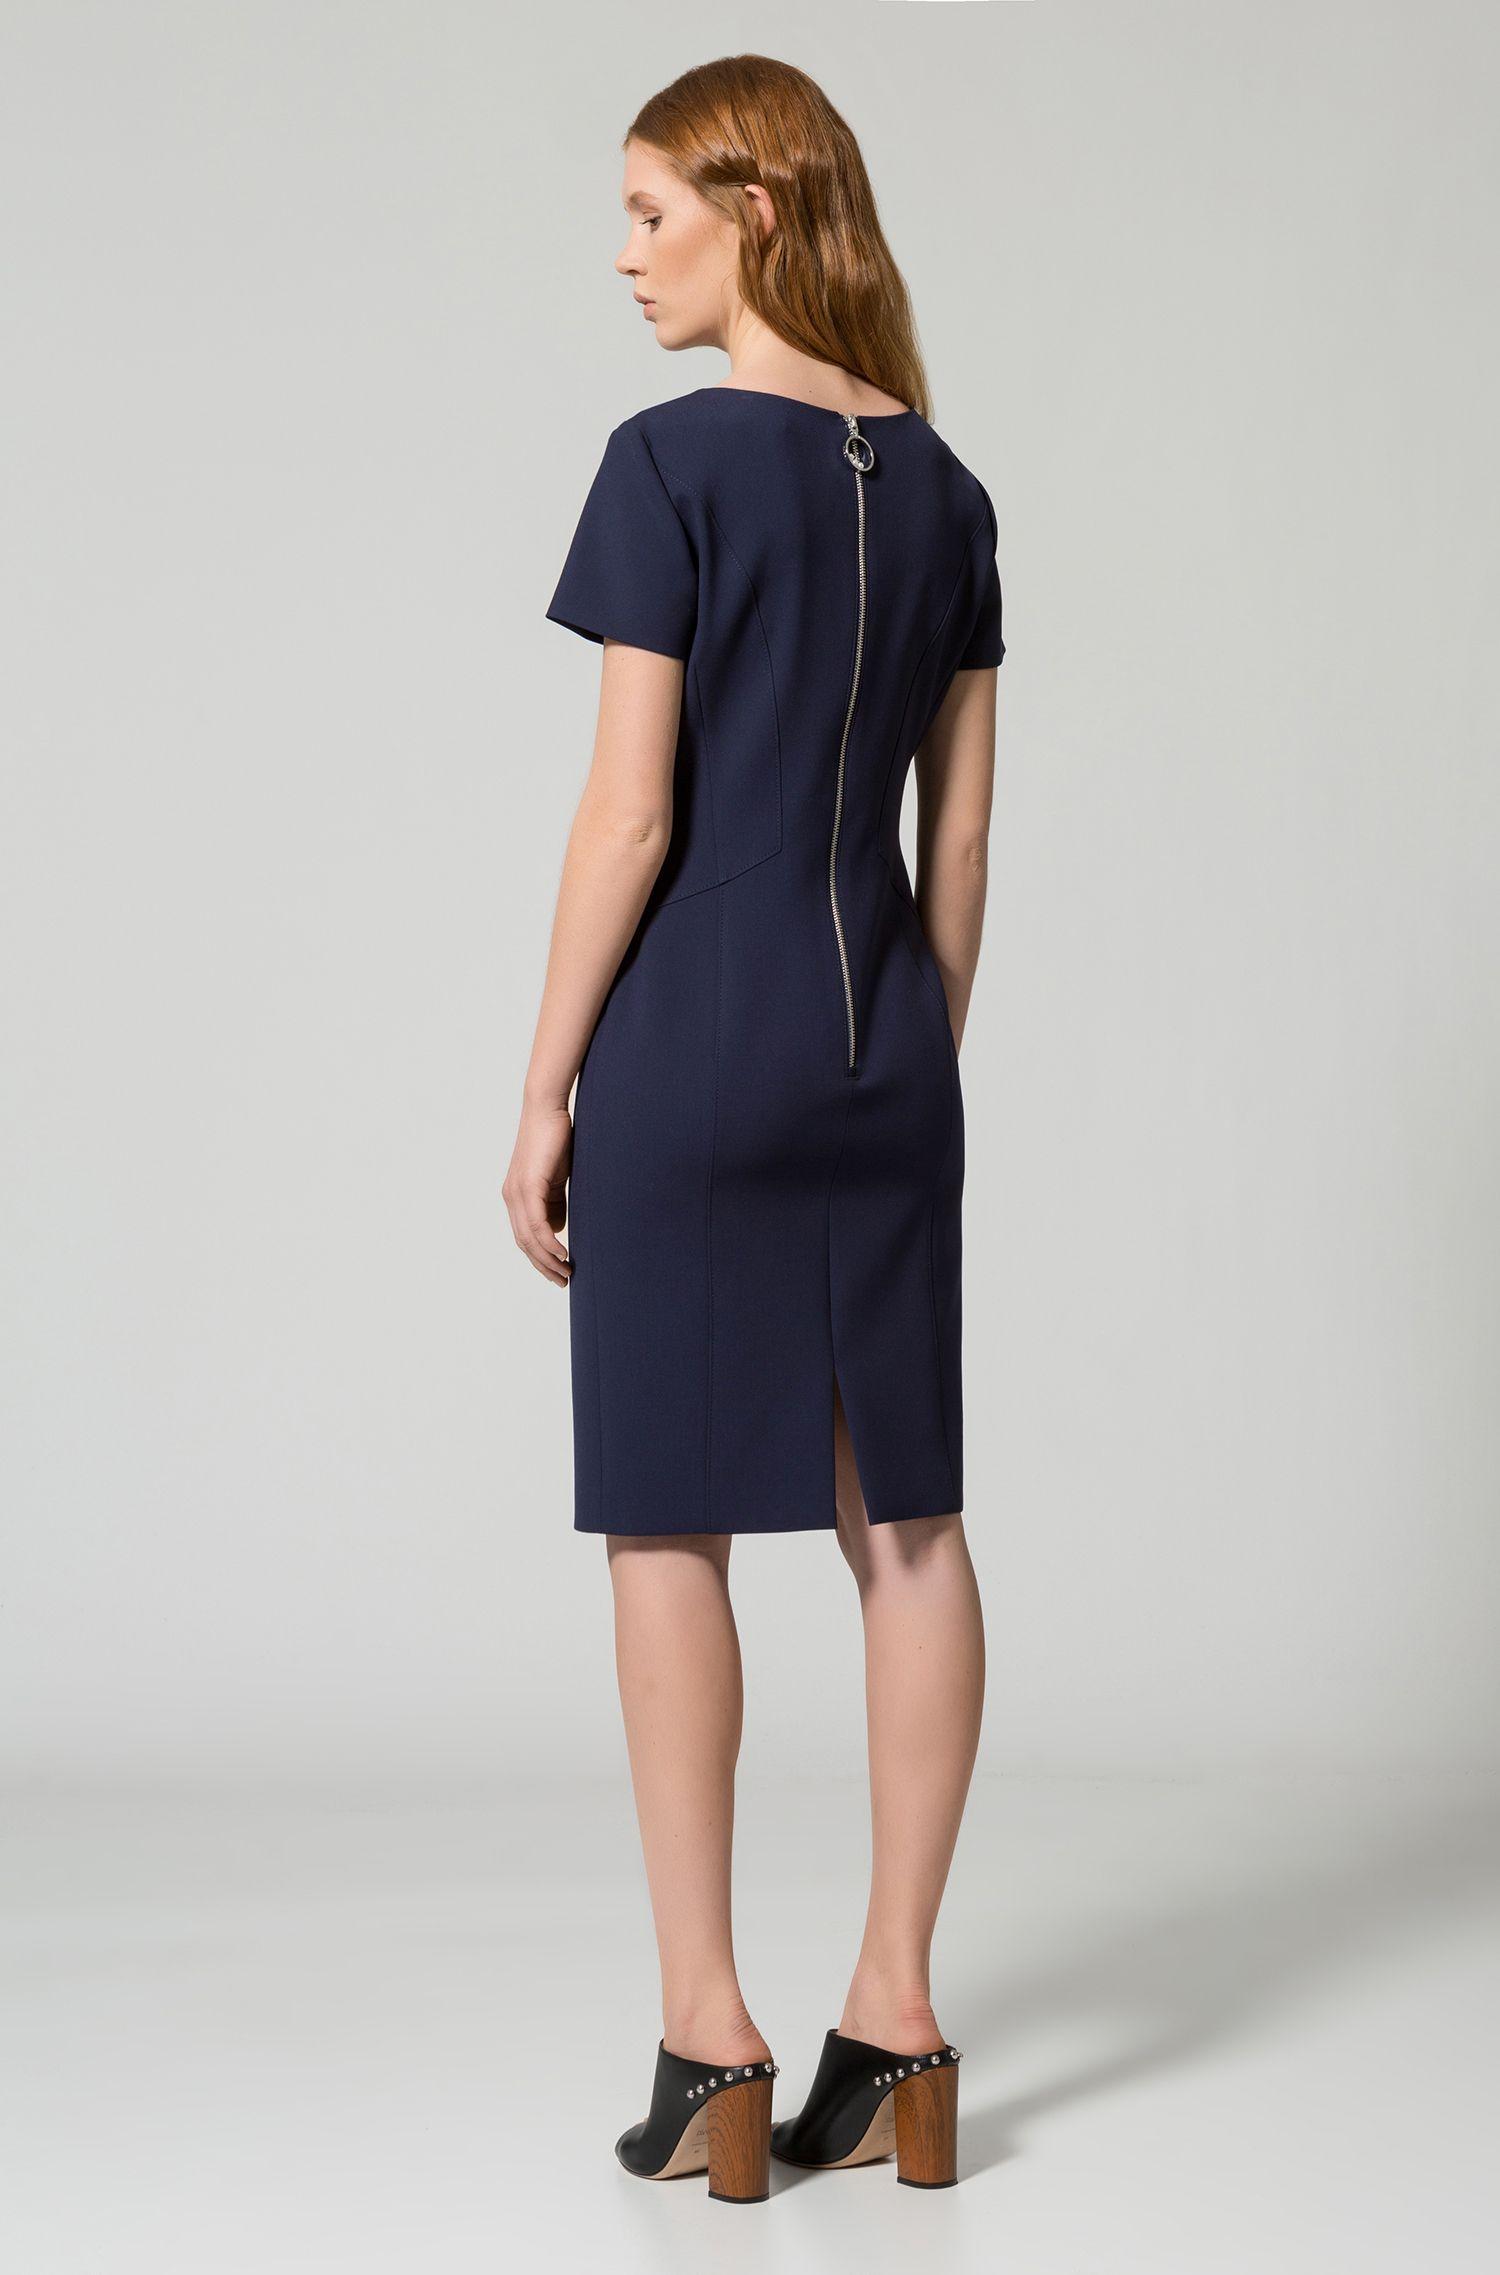 Nauwsluitende jurk met vrouwelijke naden